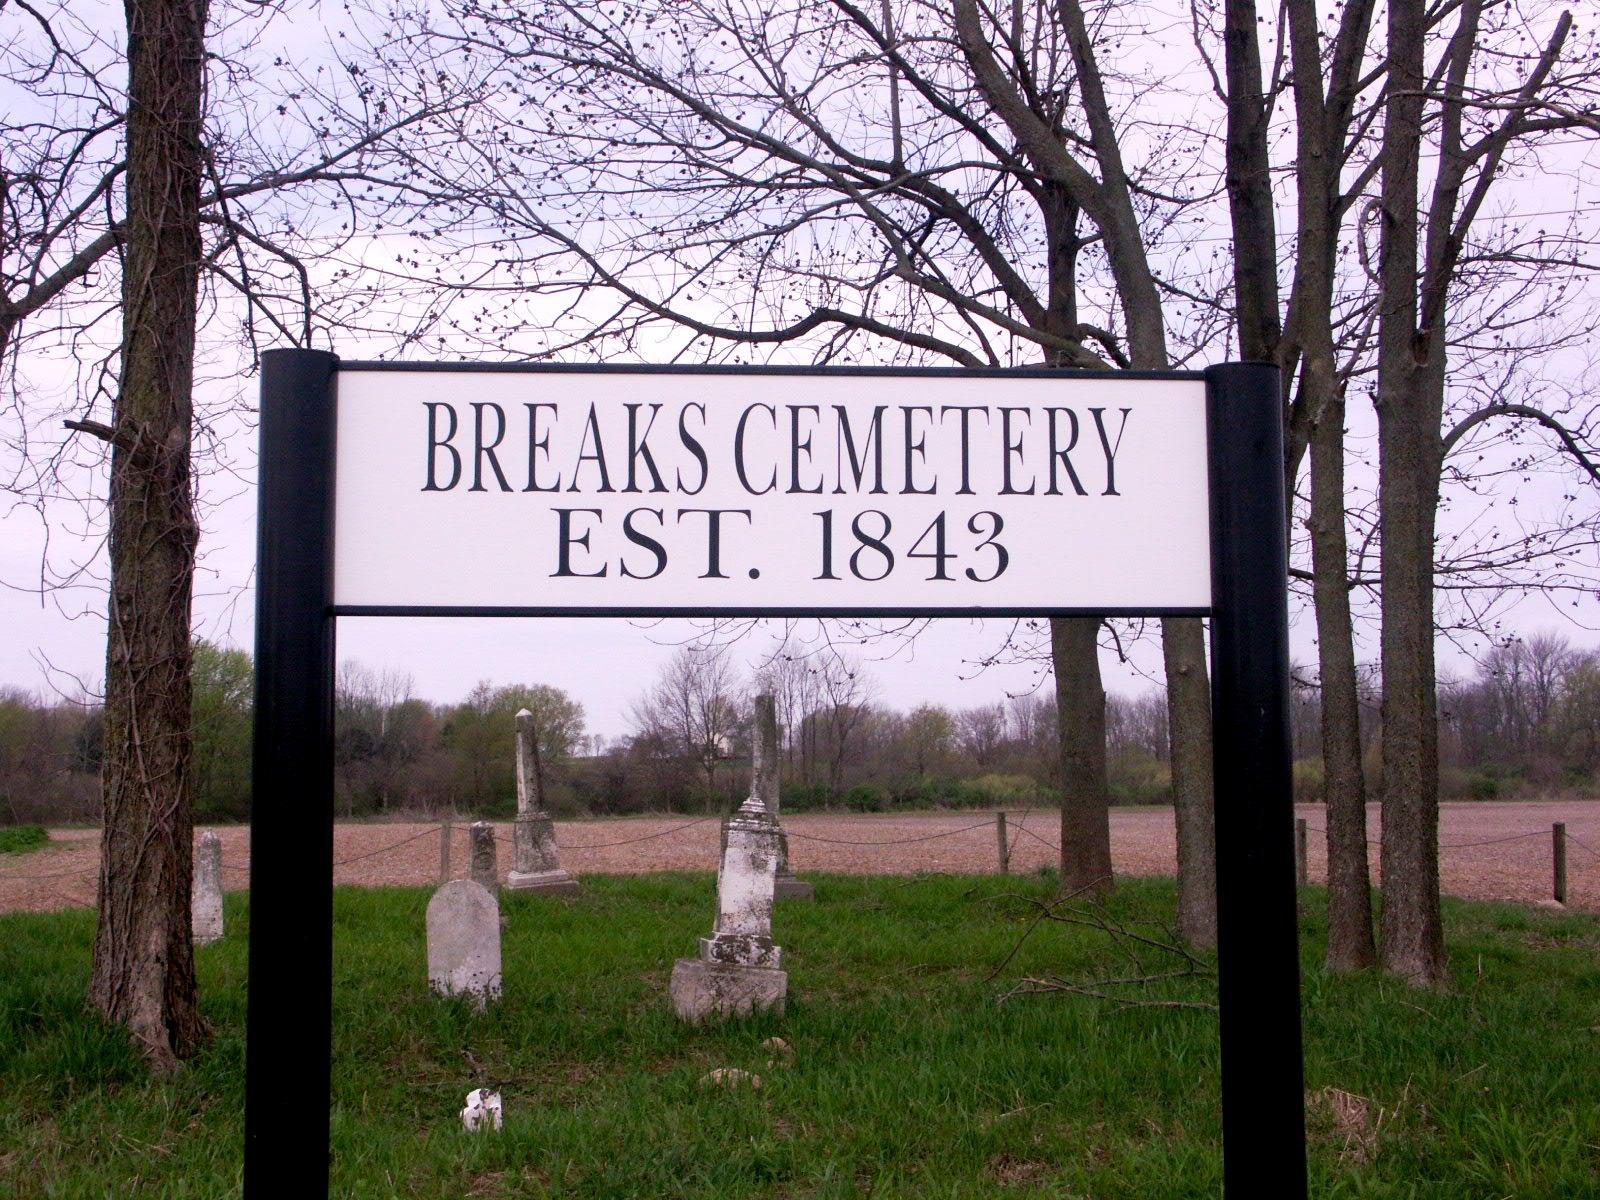 Breaks Cemetery